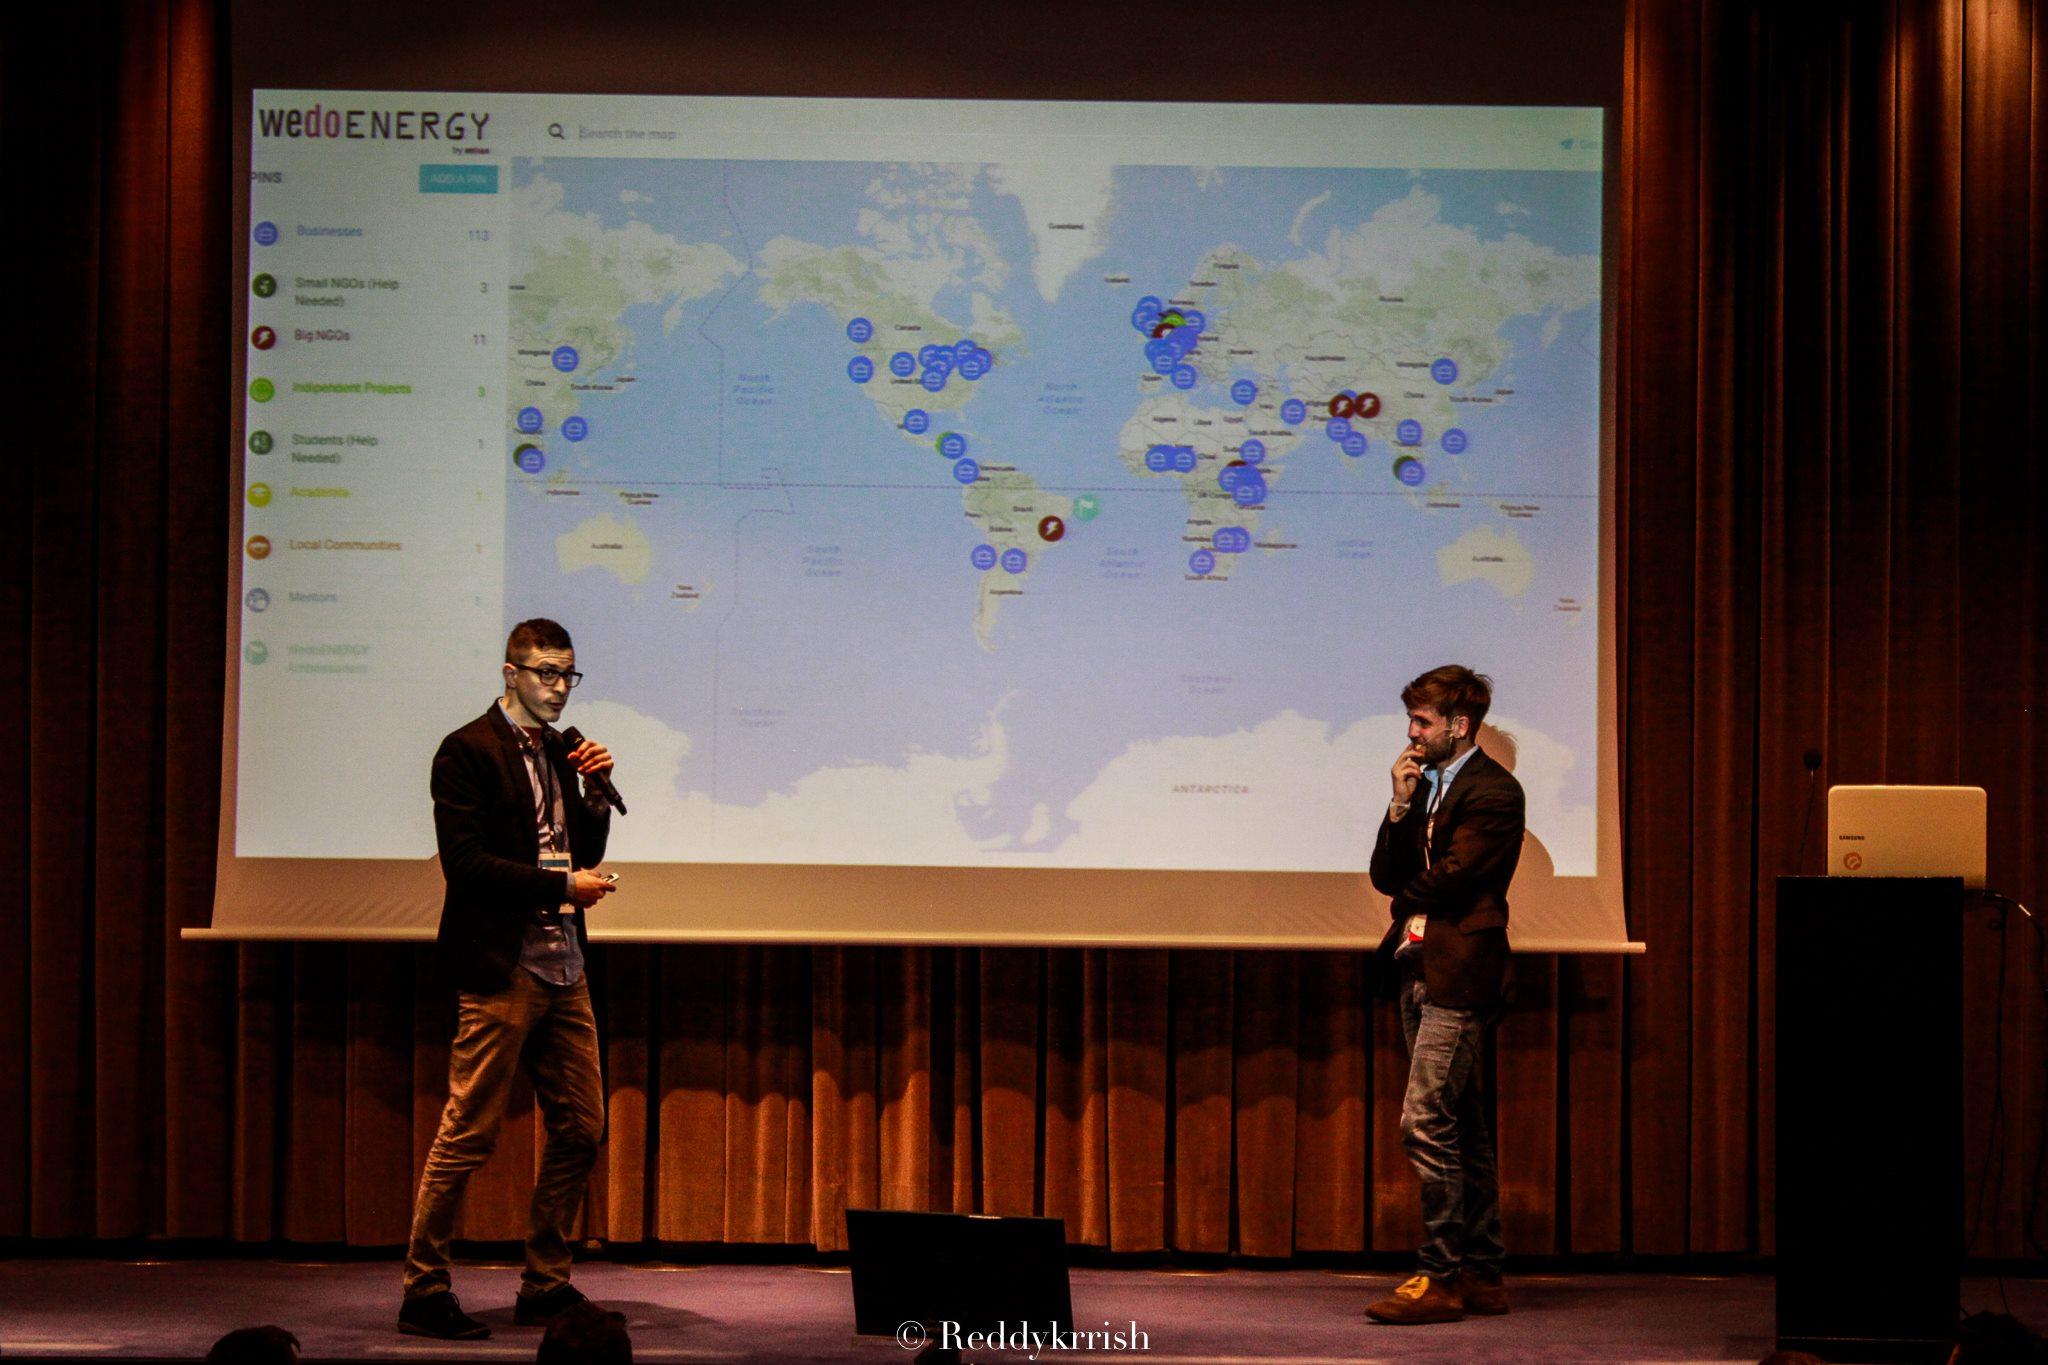 wedoenergy map